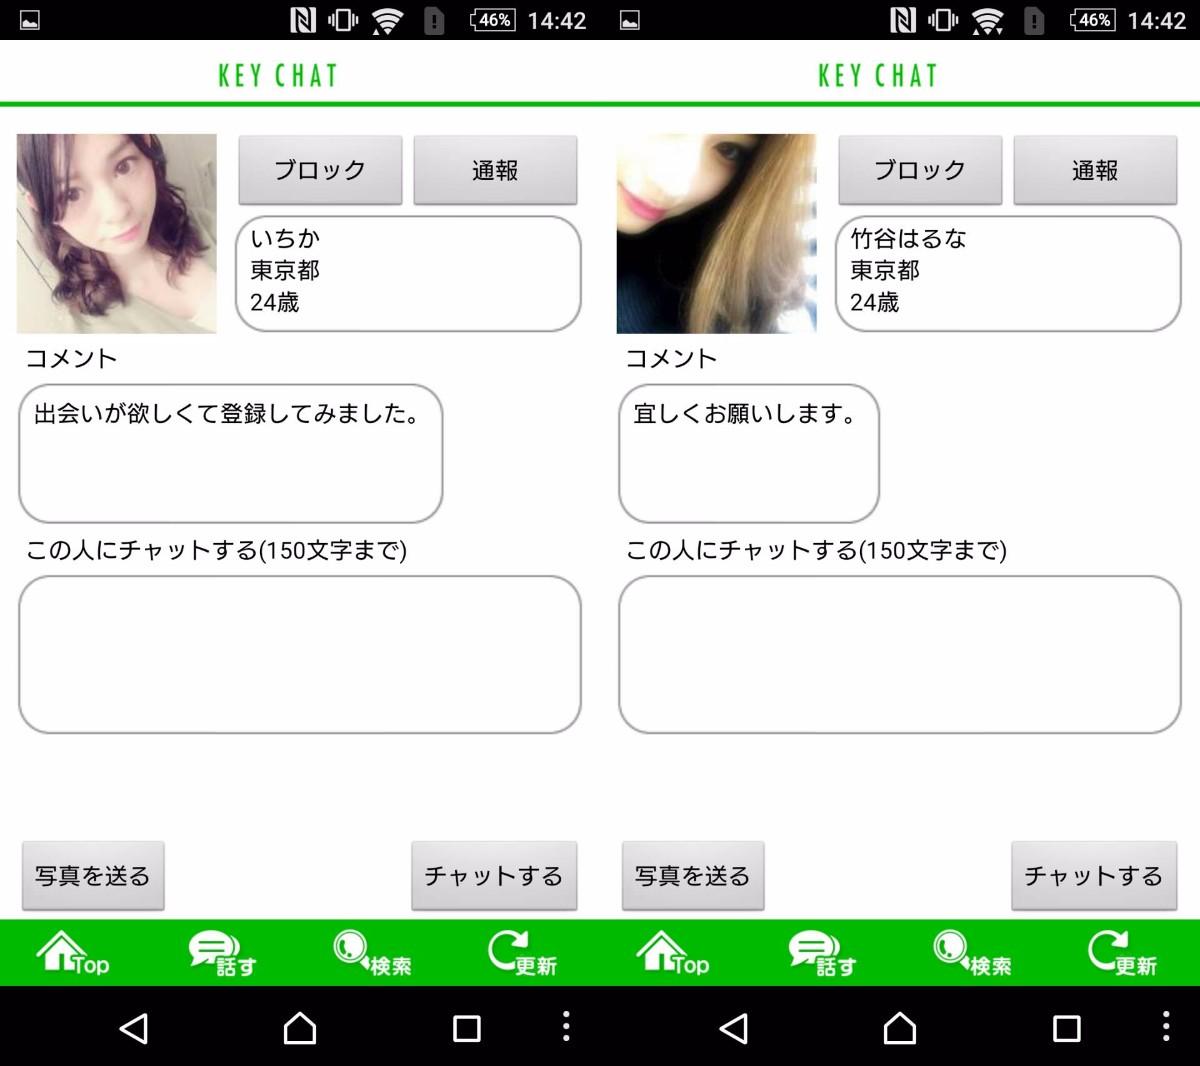 無料登録の友達作りトークアプリ-鍵チャット-恋人友達探しサクラの画像